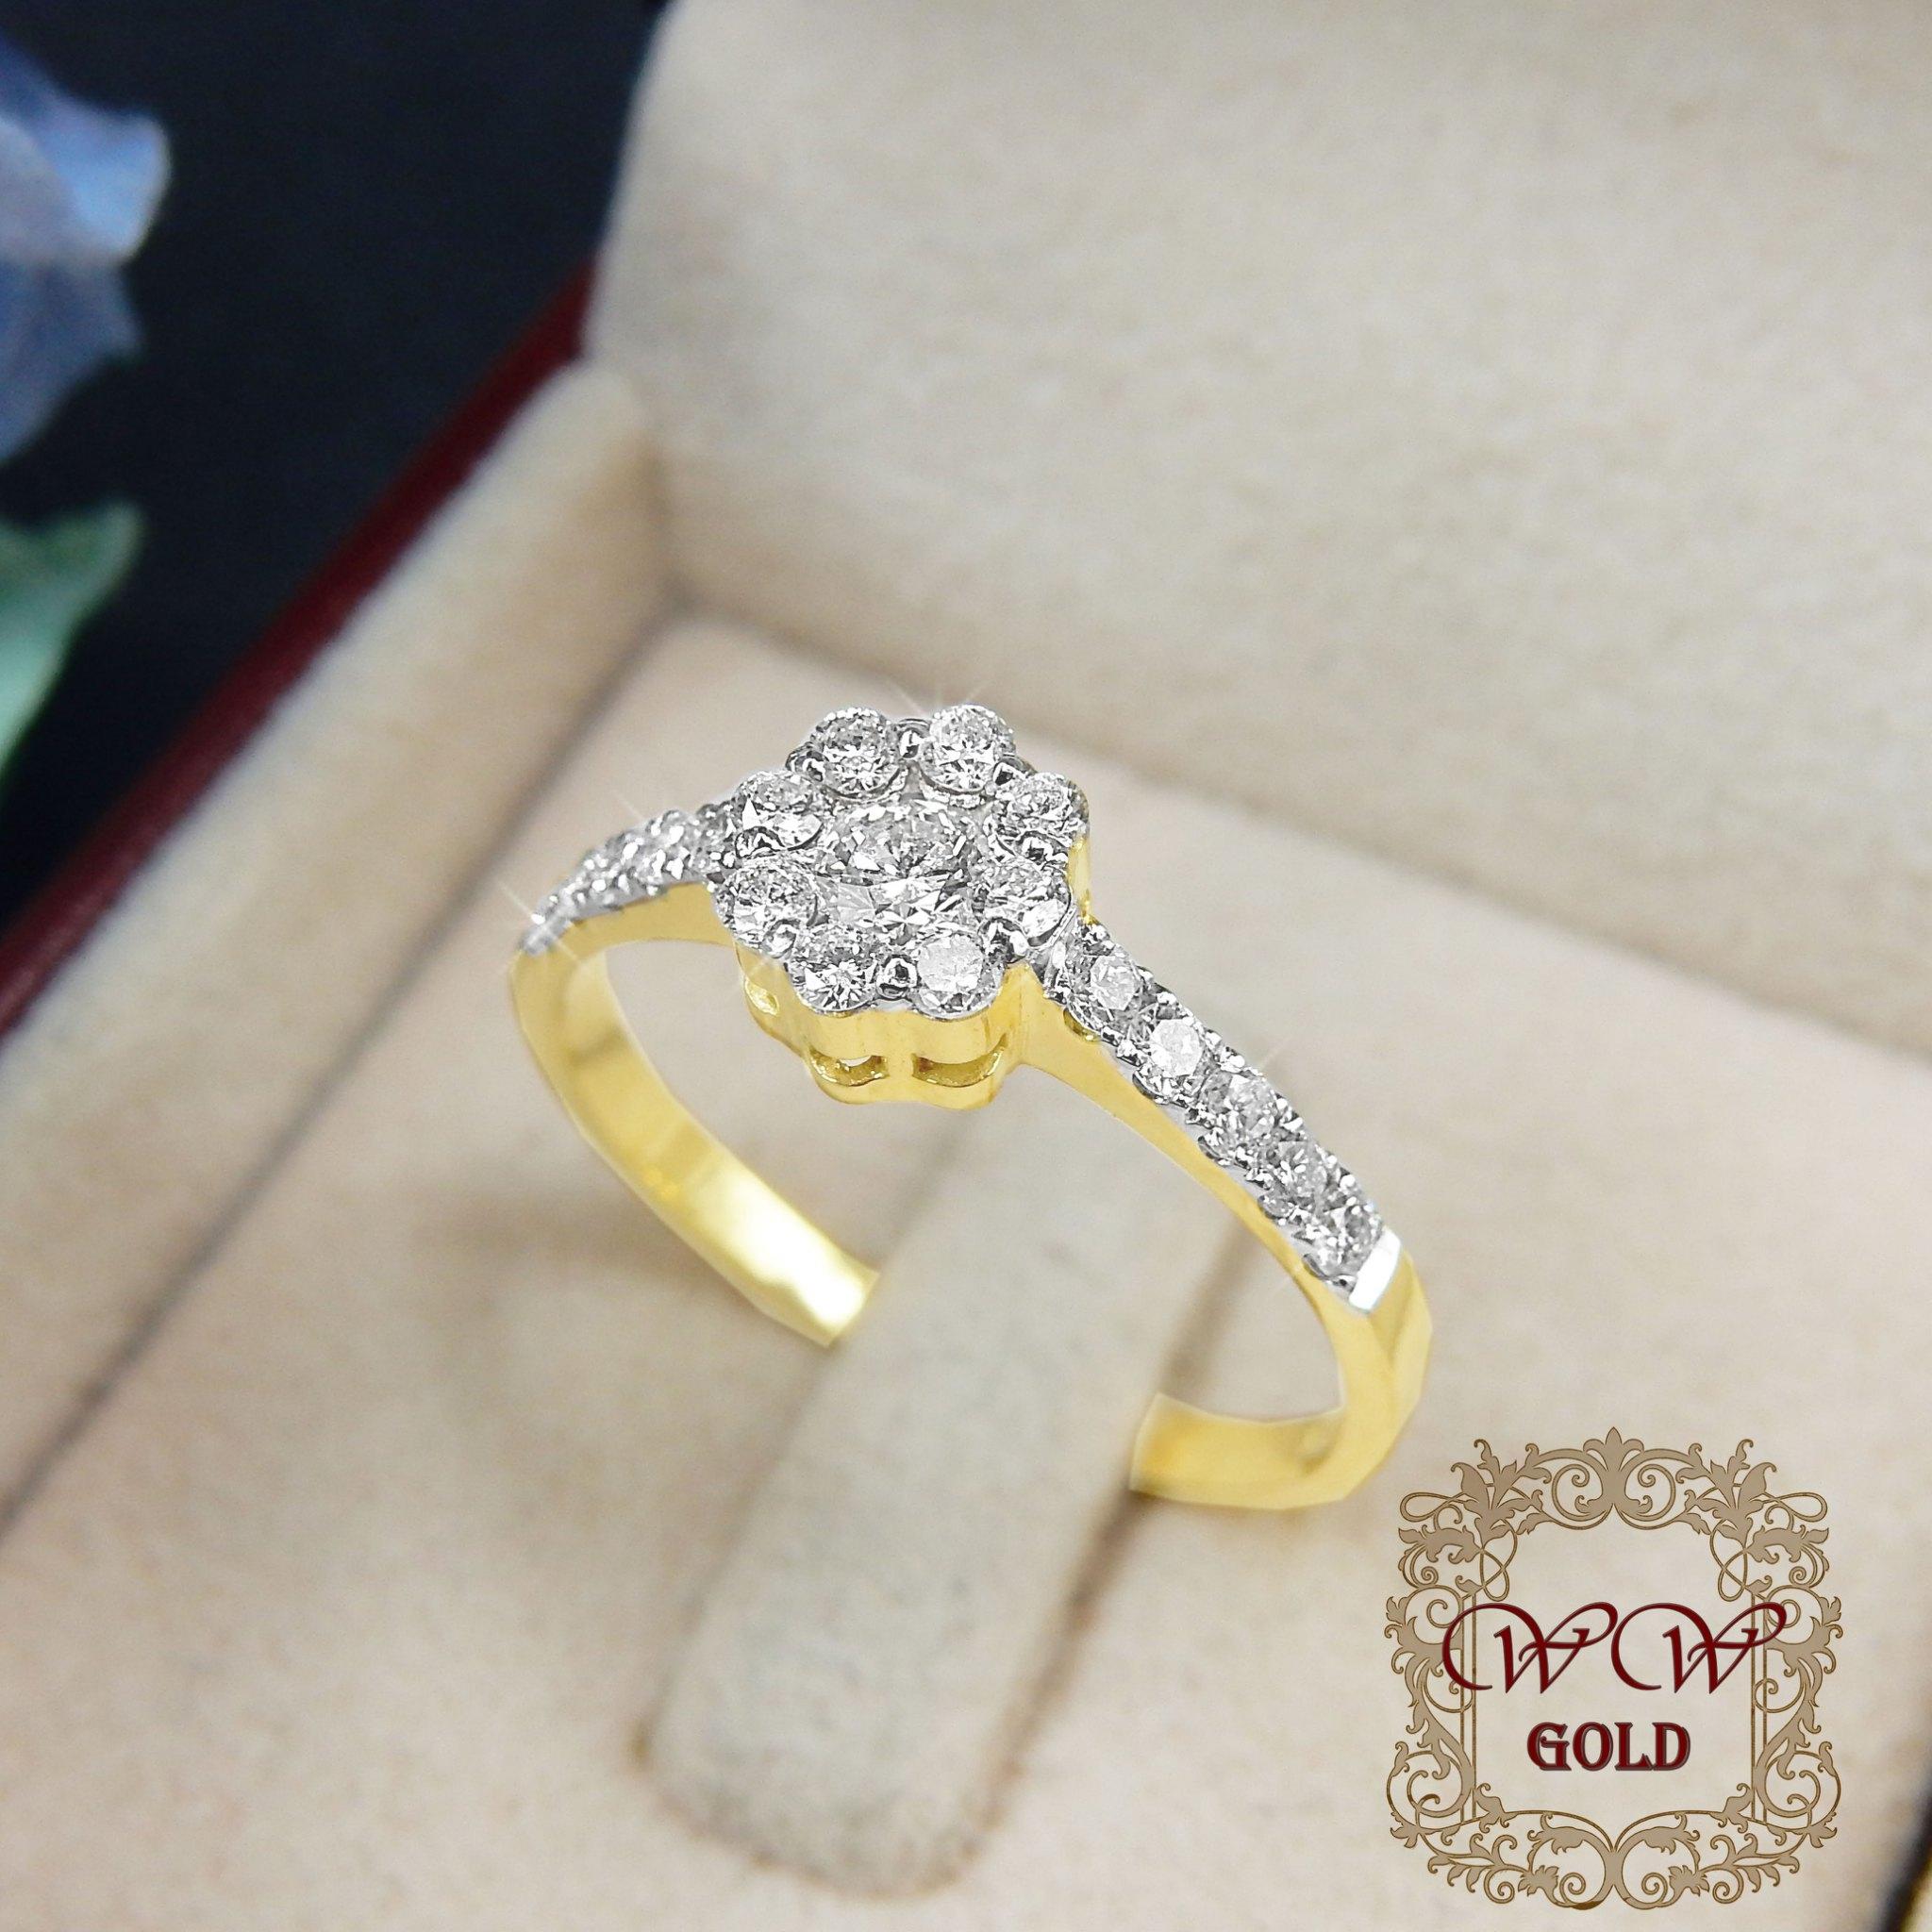 แหวนเพชรดีไซน์ดอกไม้ก้านเพชรเรียง